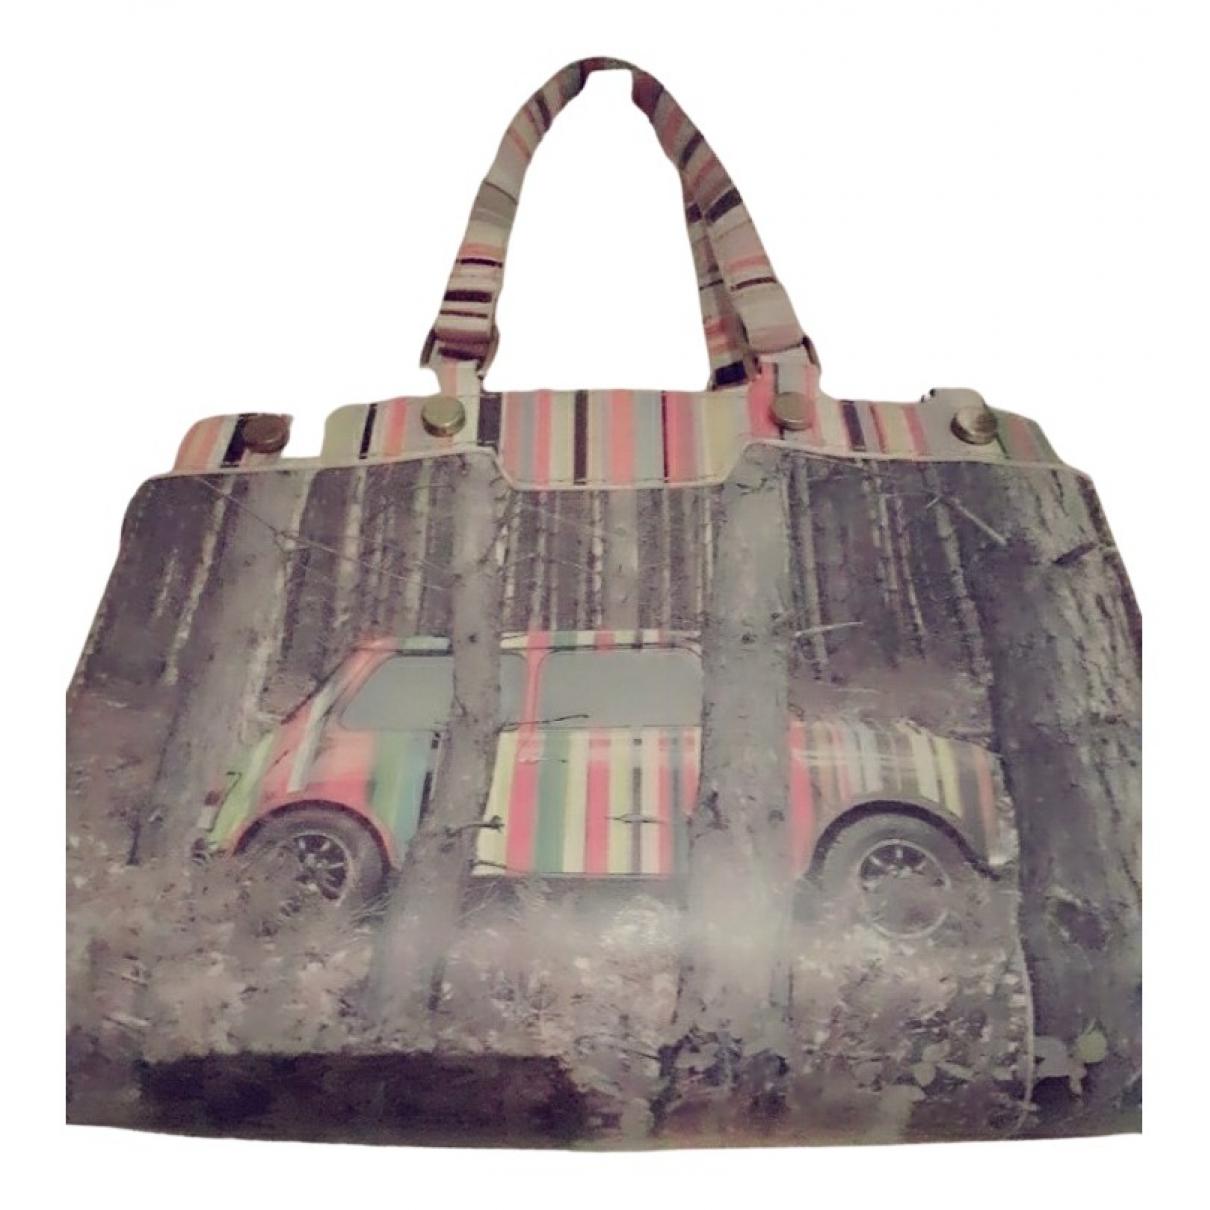 Paul Smith N Multicolour Leather handbag for Women N